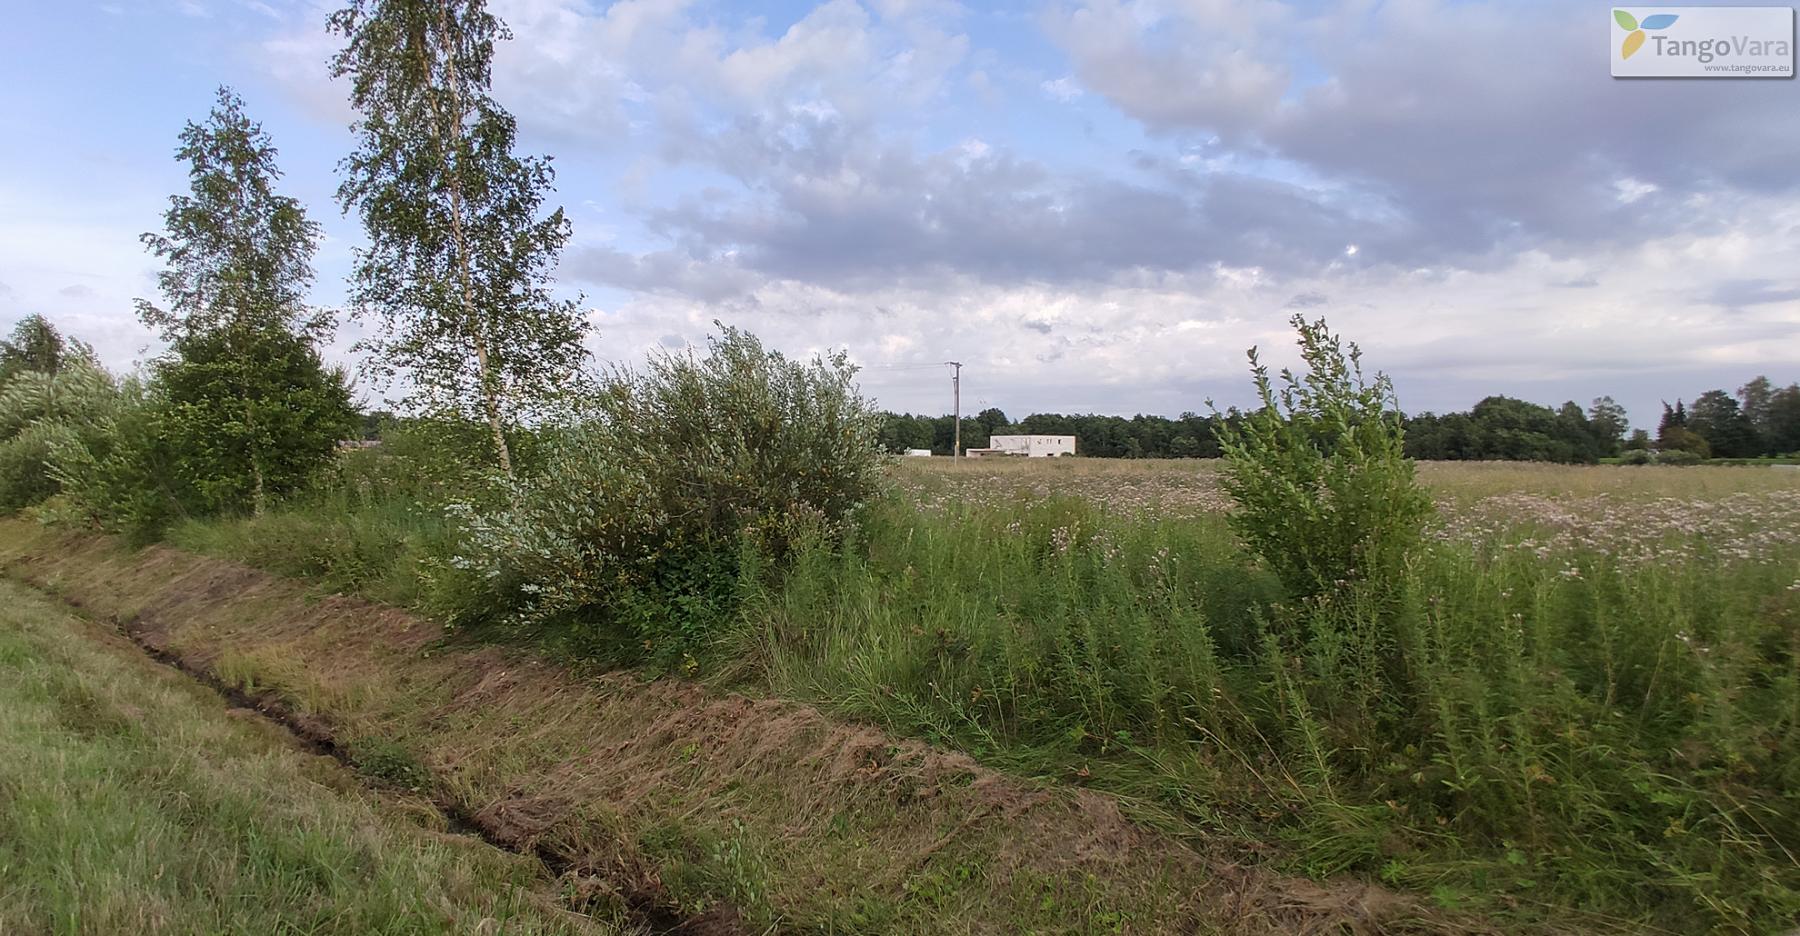 Nurme-raudrohu_Pärnumaa_ves-3